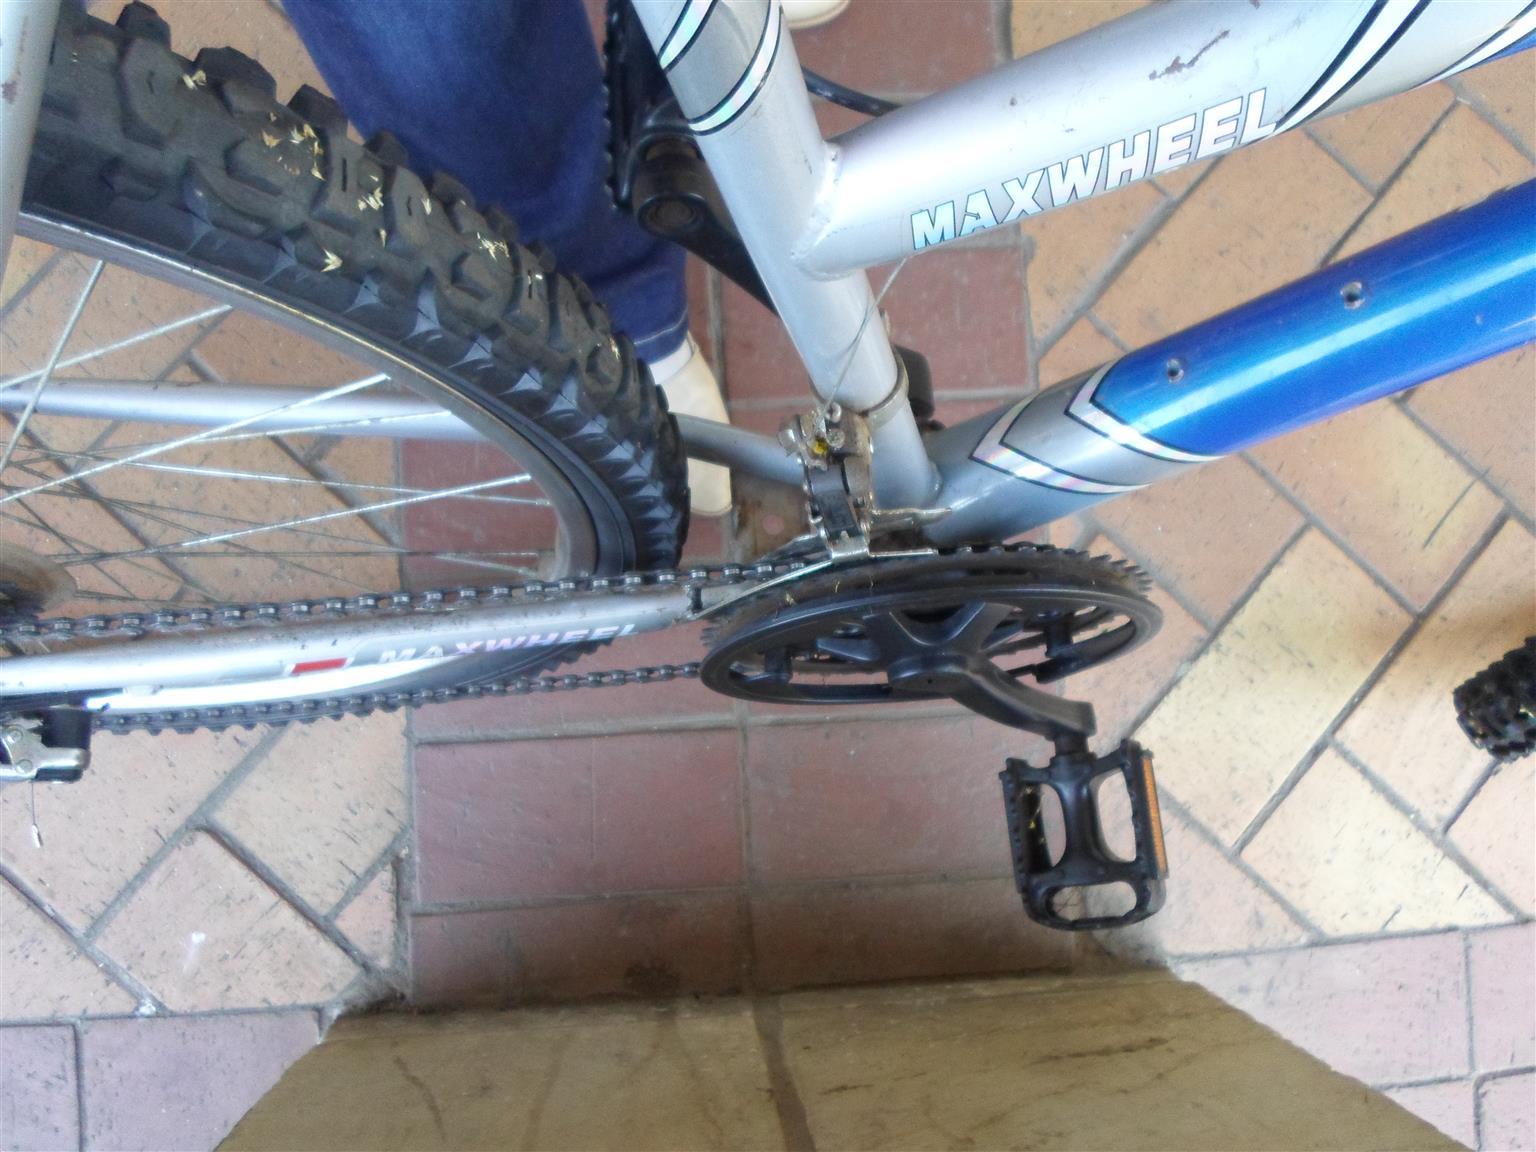 Maxwheel Bicycle